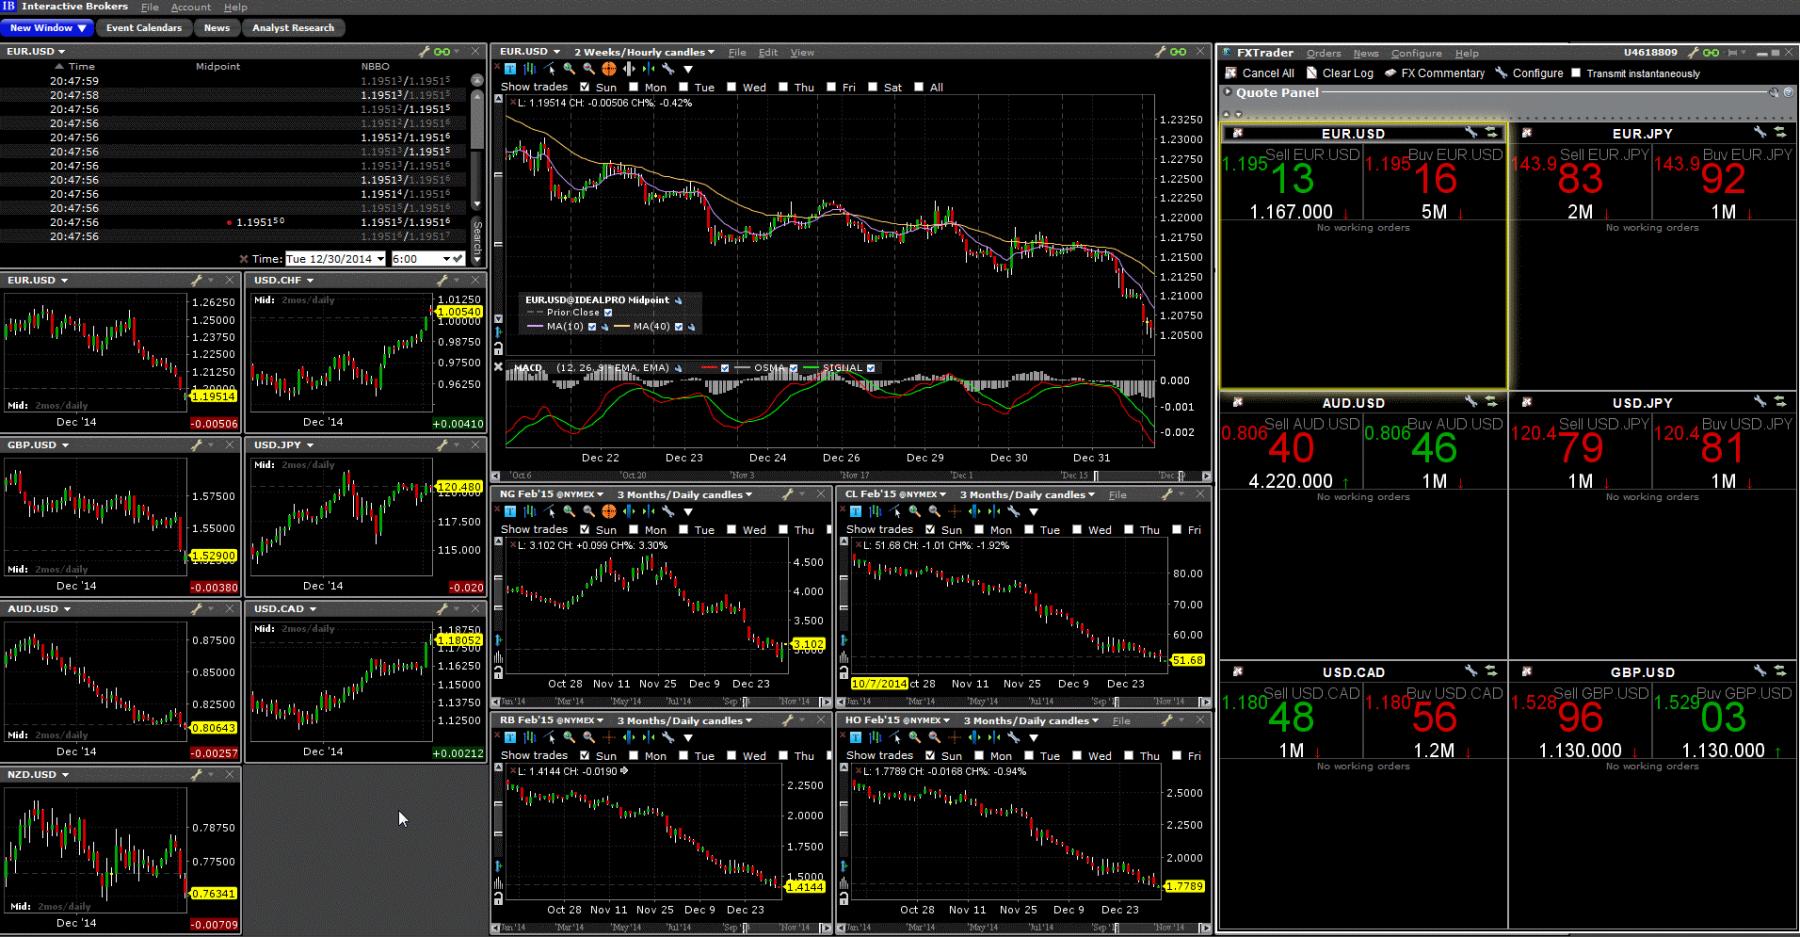 Interactive-Brokers-3